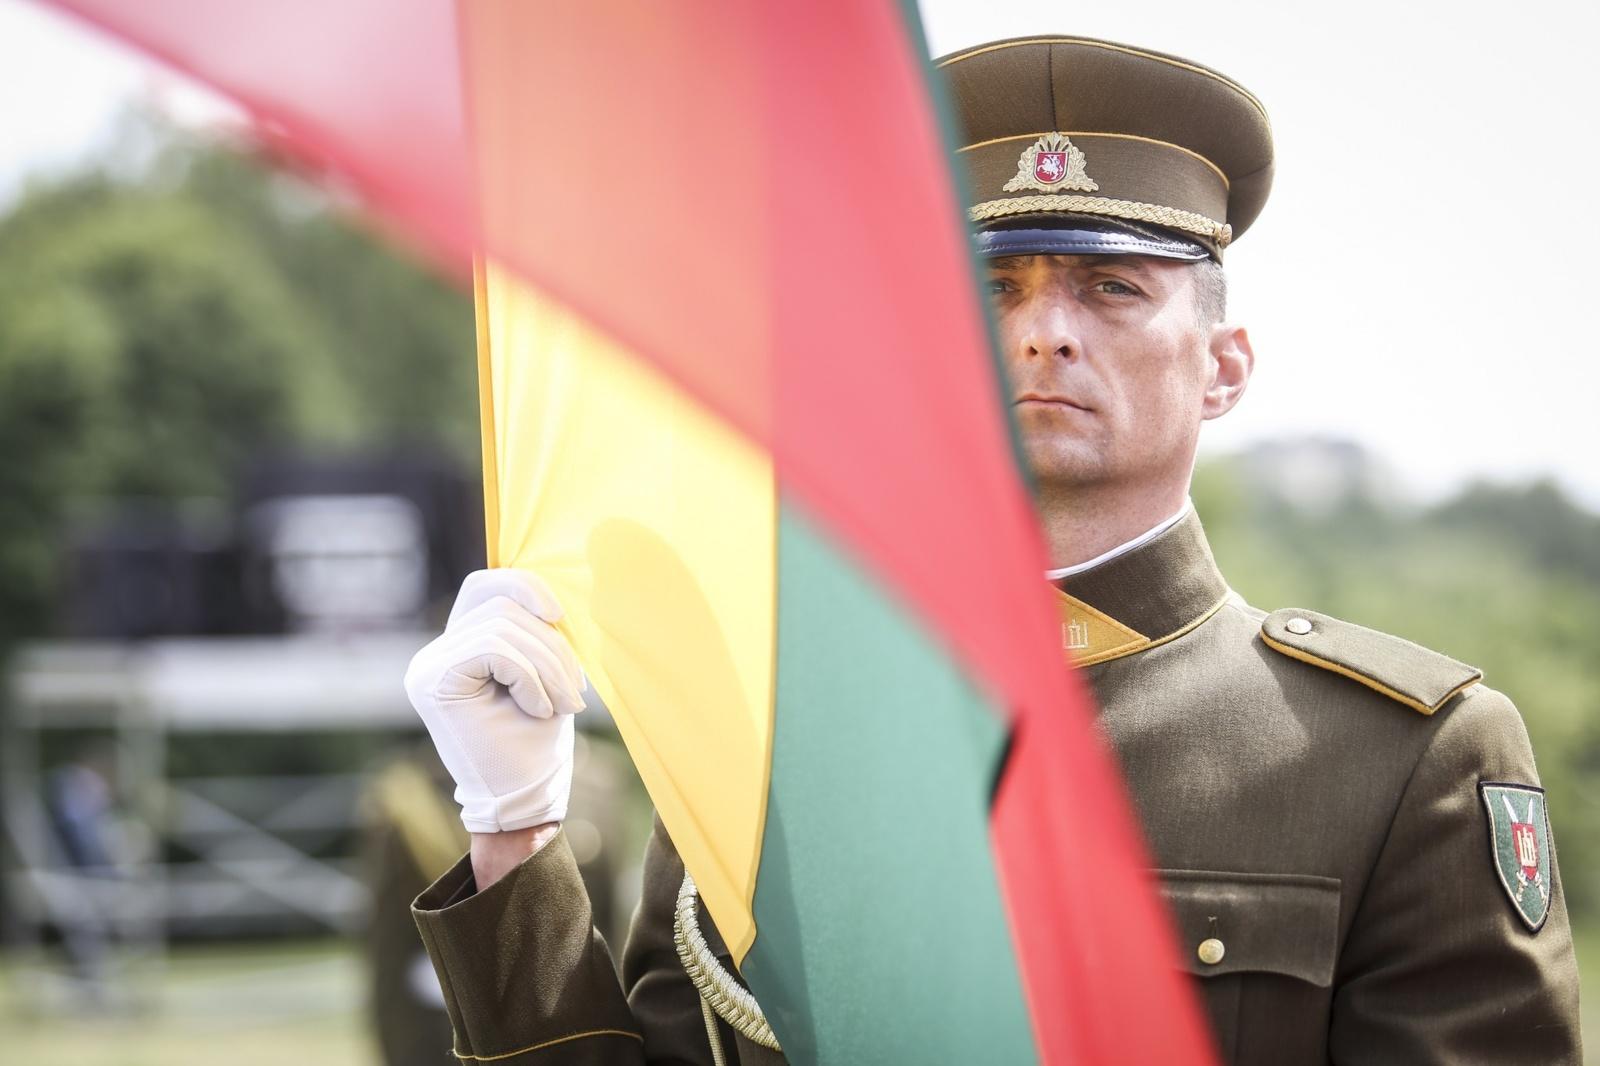 Į atmintinų dienų sąrašą įtraukta Lietuvos vardo diena